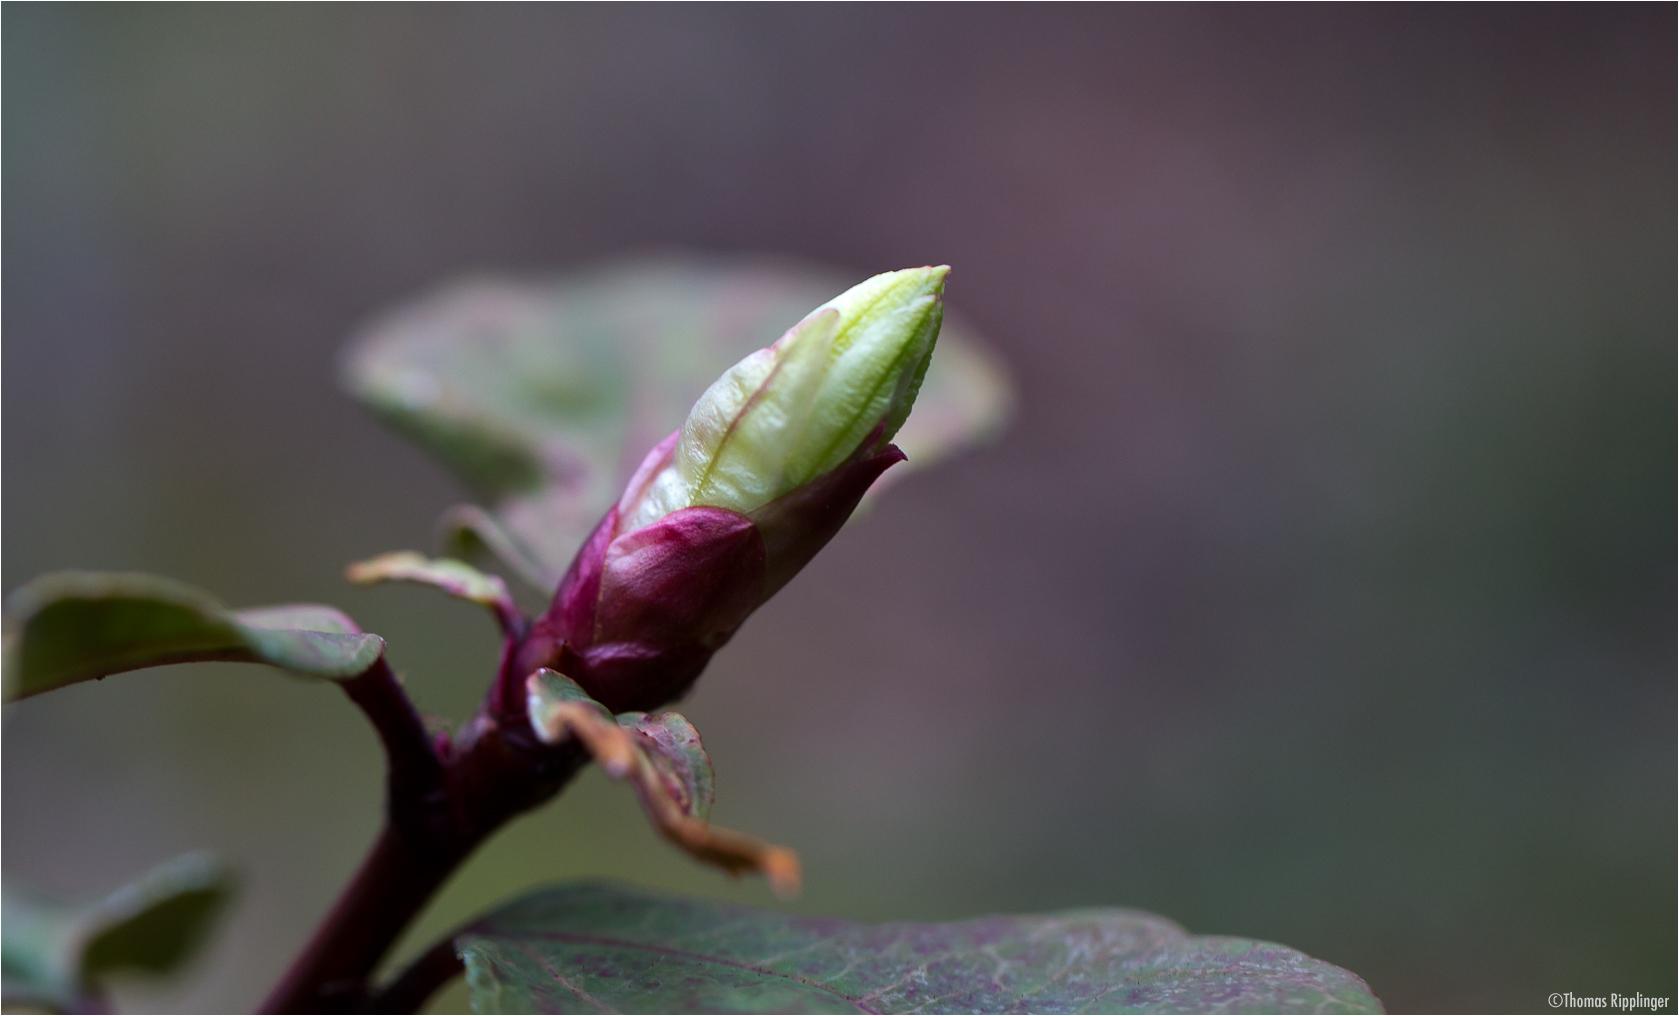 Lorbeerblättrige Johannisbeere (Ribes laurifolium)